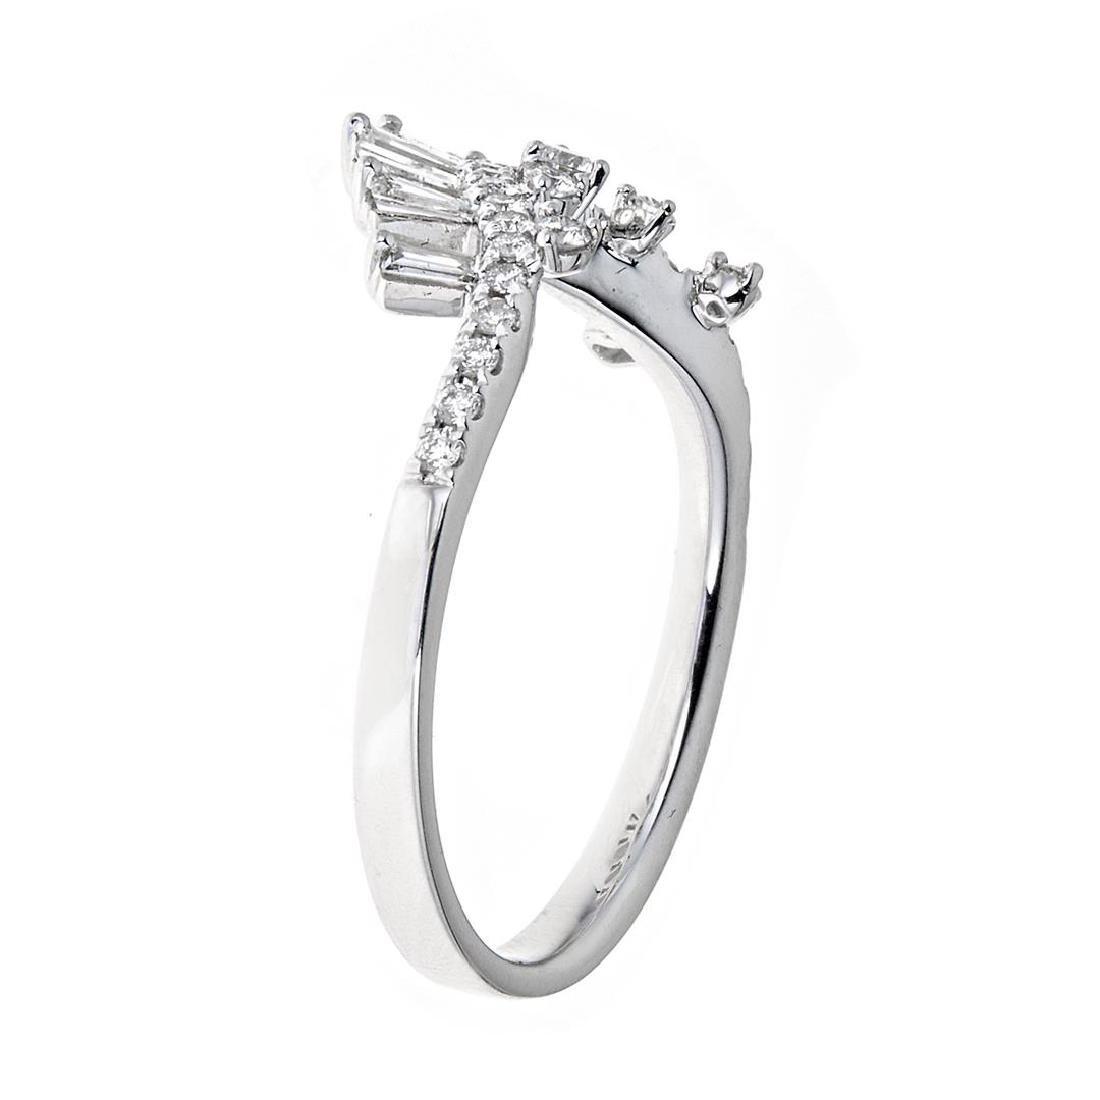 0.47 ctw Diamond Ring - 18KT White Gold - 4